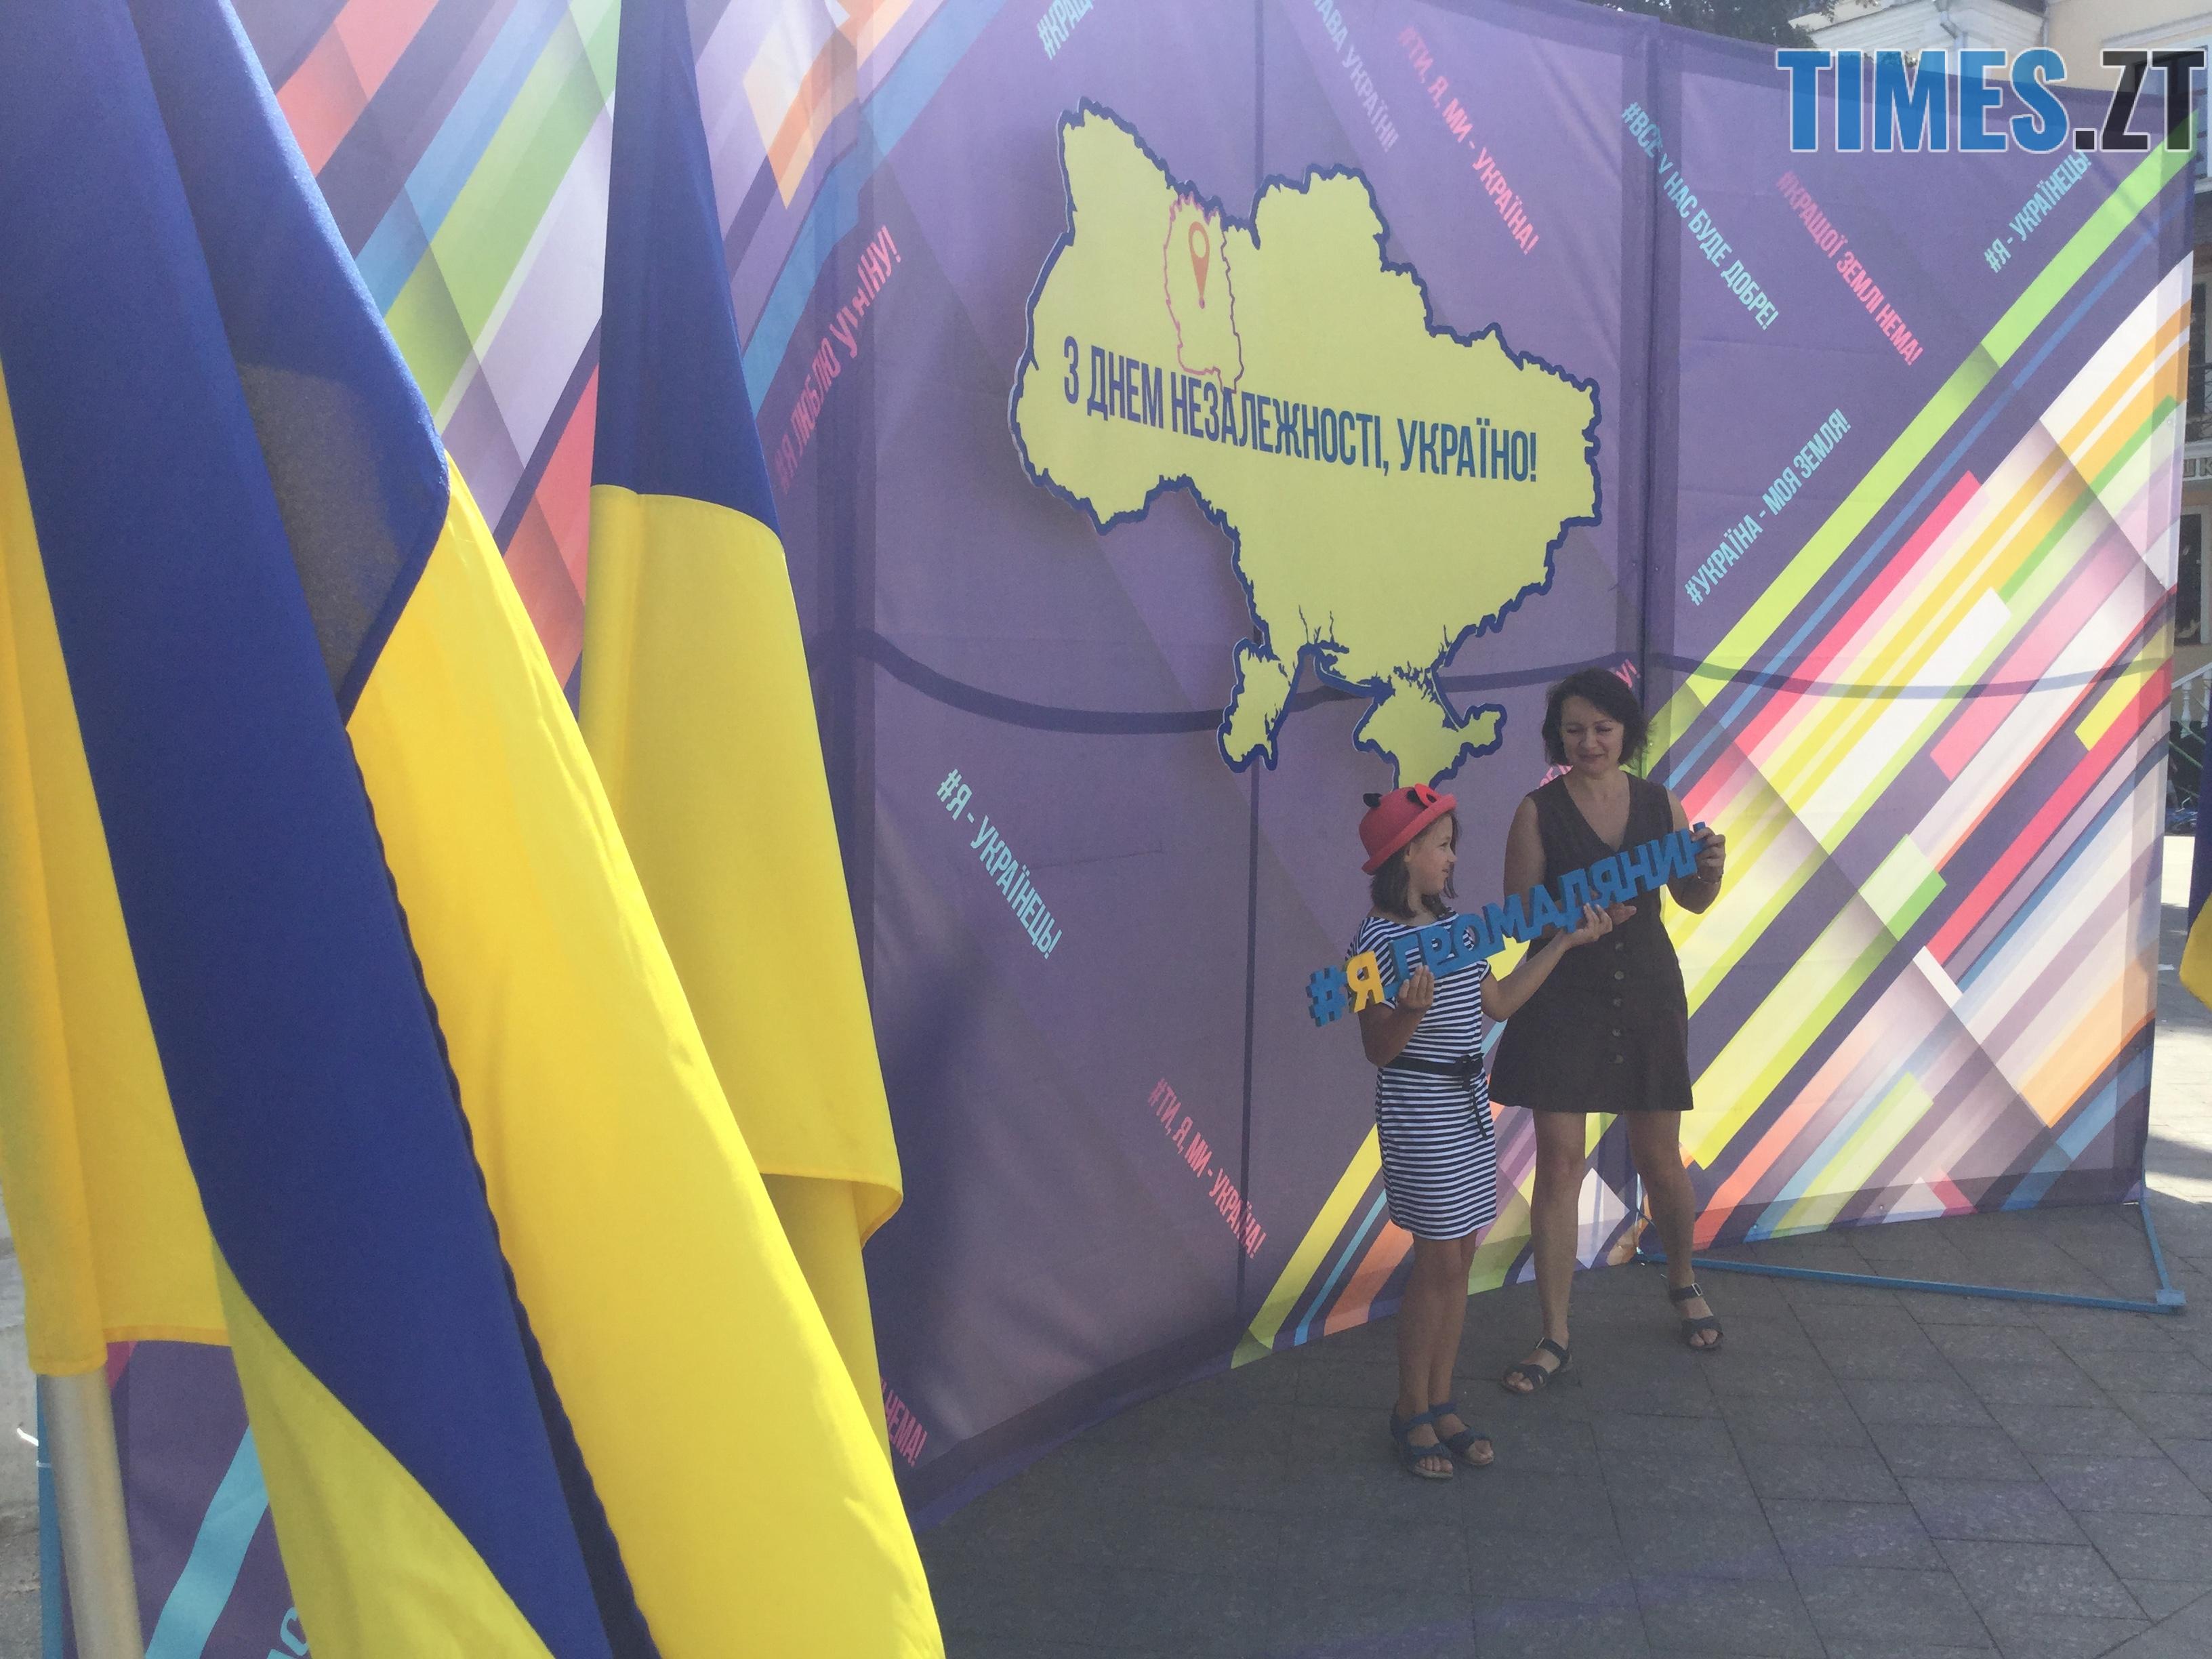 C3B4BC84 A571 4089 925F 2C4E02FC0D93 - Фотозони, майстер-класи та безліч цікавих локації: житомиряни святкують День Незалежності (ФОТО)